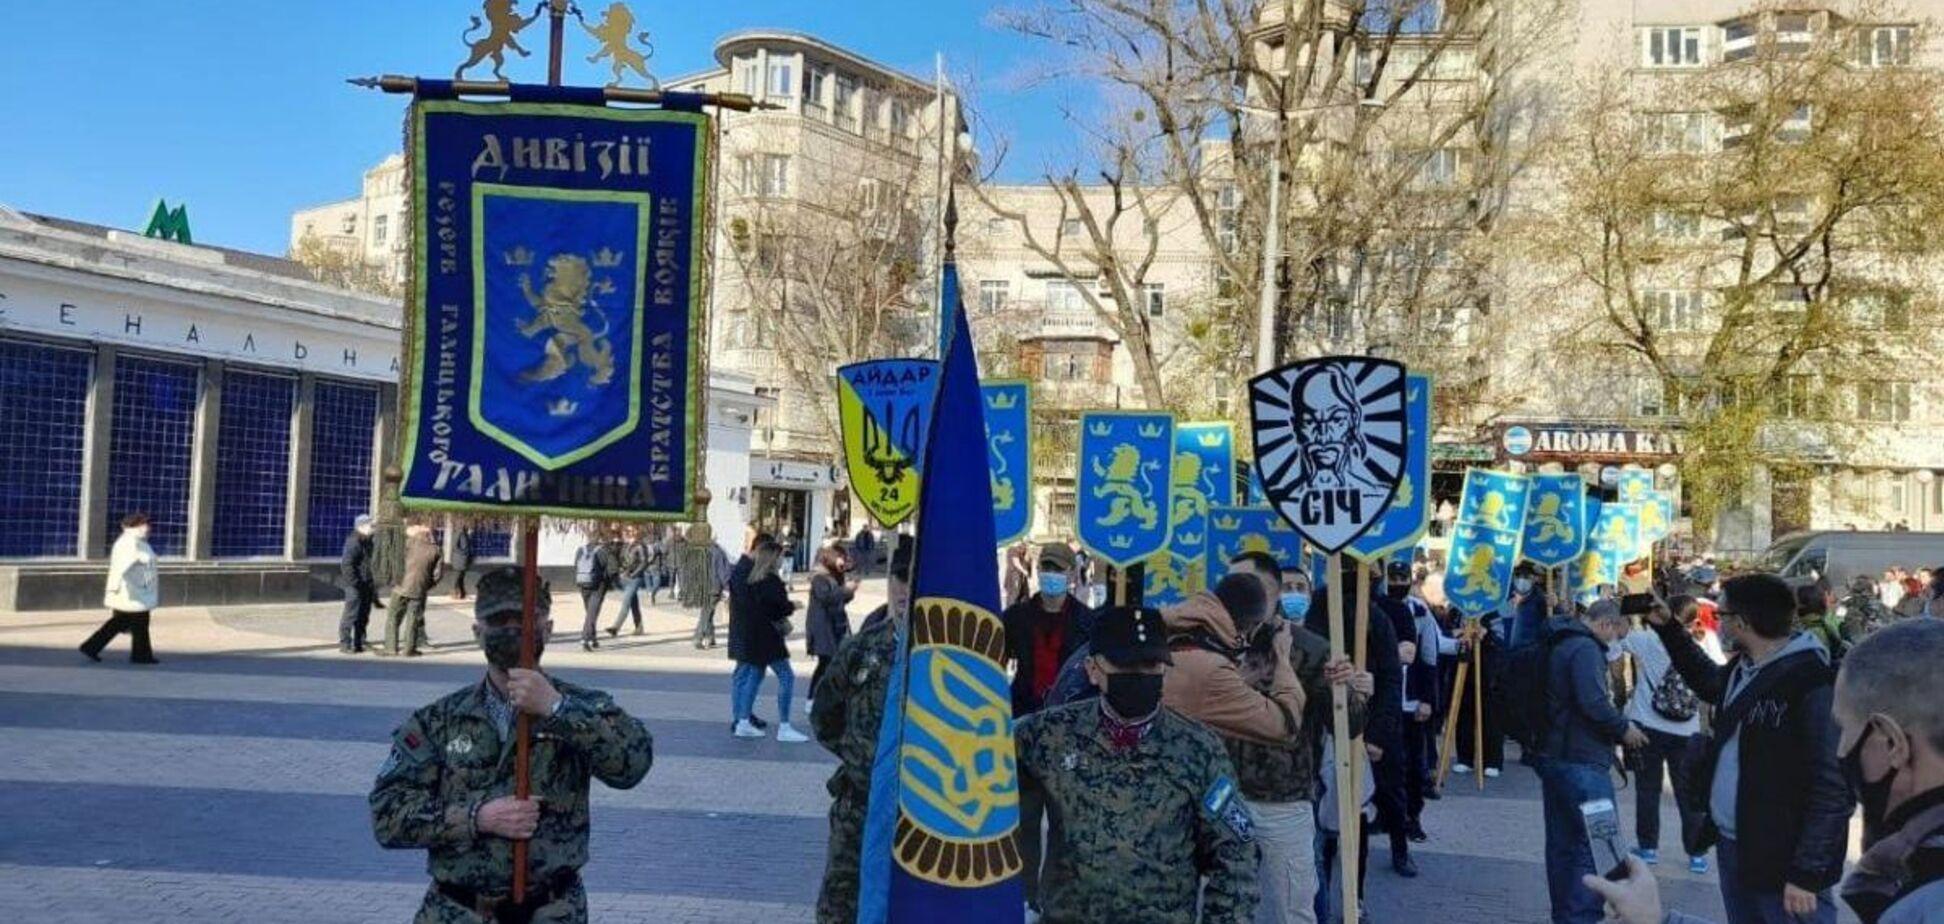 'Київ капут'. Як Росія використовує 'марш вишиванок' проти України